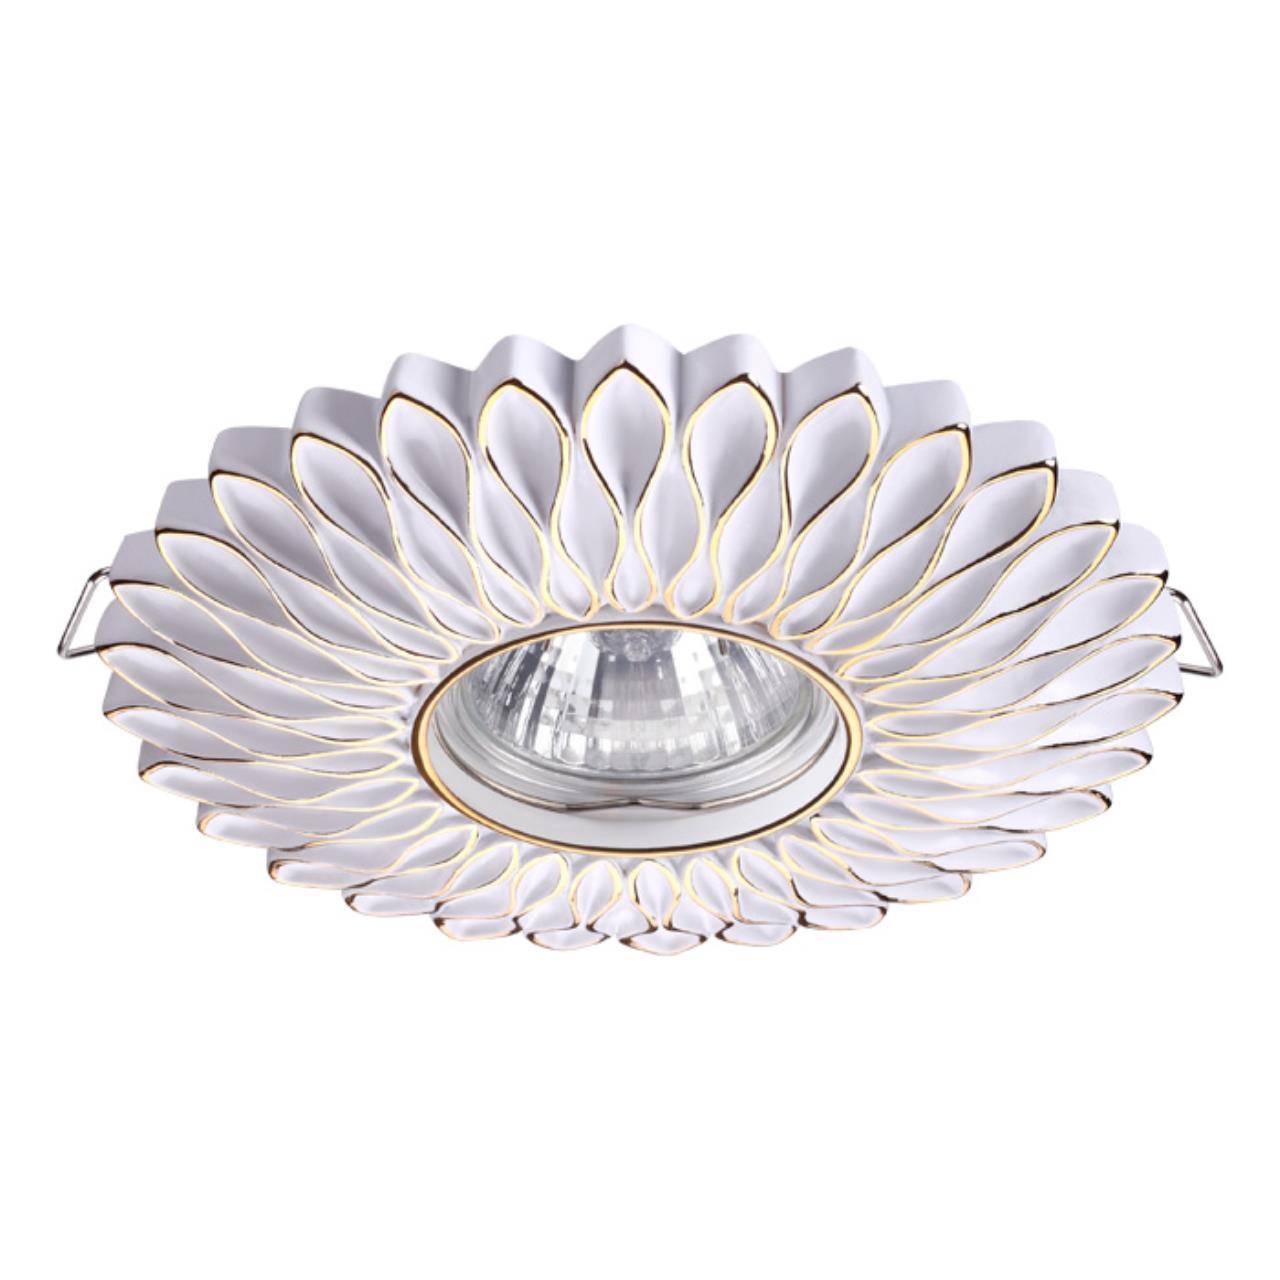 370489 SPOT NT19 115 белый/золото Встраиваемый светильник IP20 GU10 50W 220V PATTERN